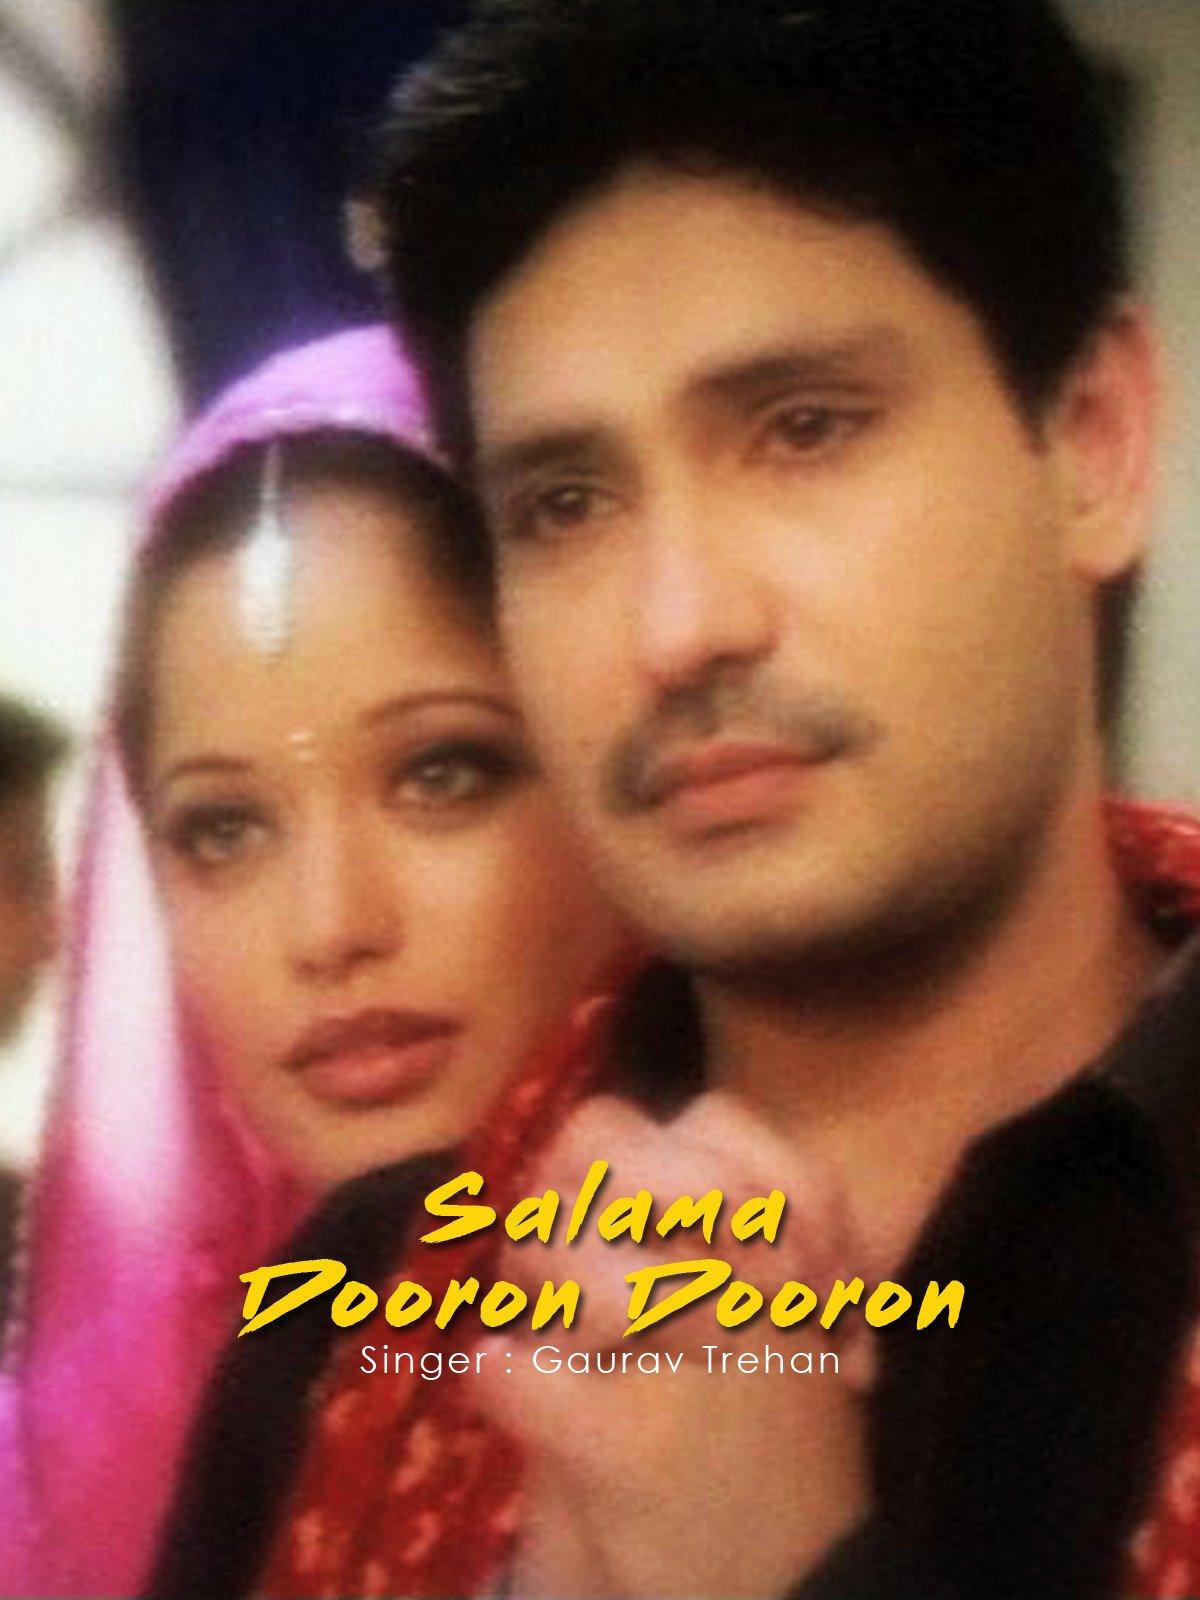 Salama Dooron Dooron